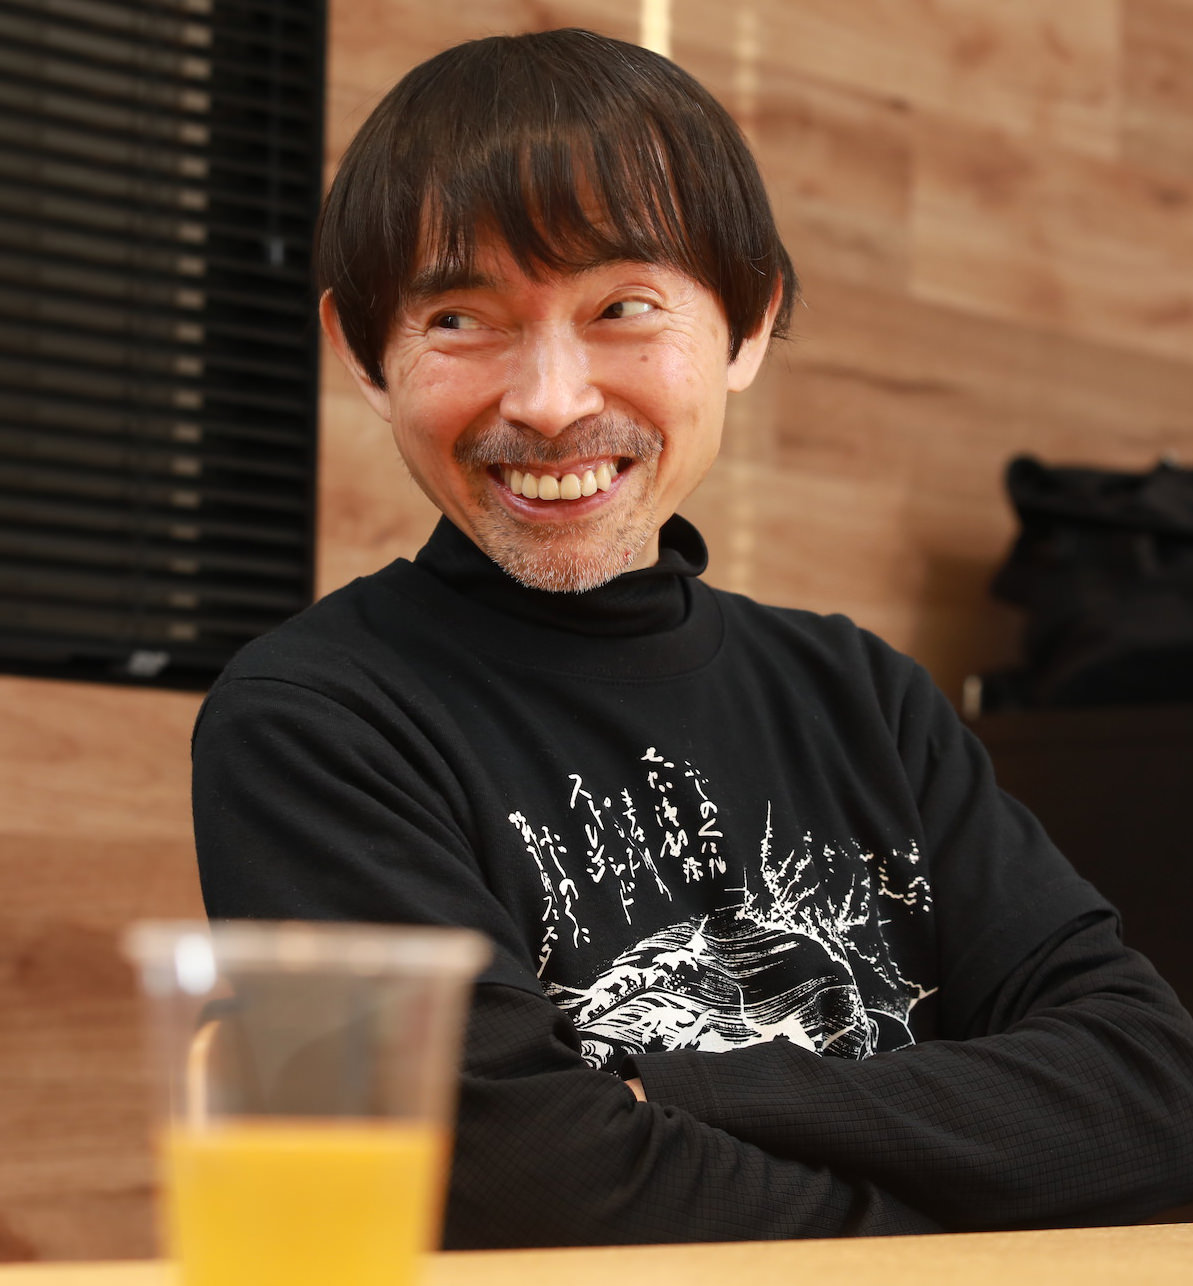 みやぎ・さとし 1959年東京生まれ。演出家、SPAC-静岡県舞台芸術センター芸術総監督。90年ク・ナウカ旗揚げ。国際的な公演活動を展開し、国内外から高い評価を得る。2007年4月SPAC芸術総監督に就任。自作の上演、世界各地からの作品招聘、アウトリーチと人材育成を並行させ、「世界を見る窓」としての劇場運営を行っている。17年、アジアの演出家として初めてアヴィニヨン演劇祭のオープニングに選ばれ、法王庁中庭で『アンティゴネ』を上演した。